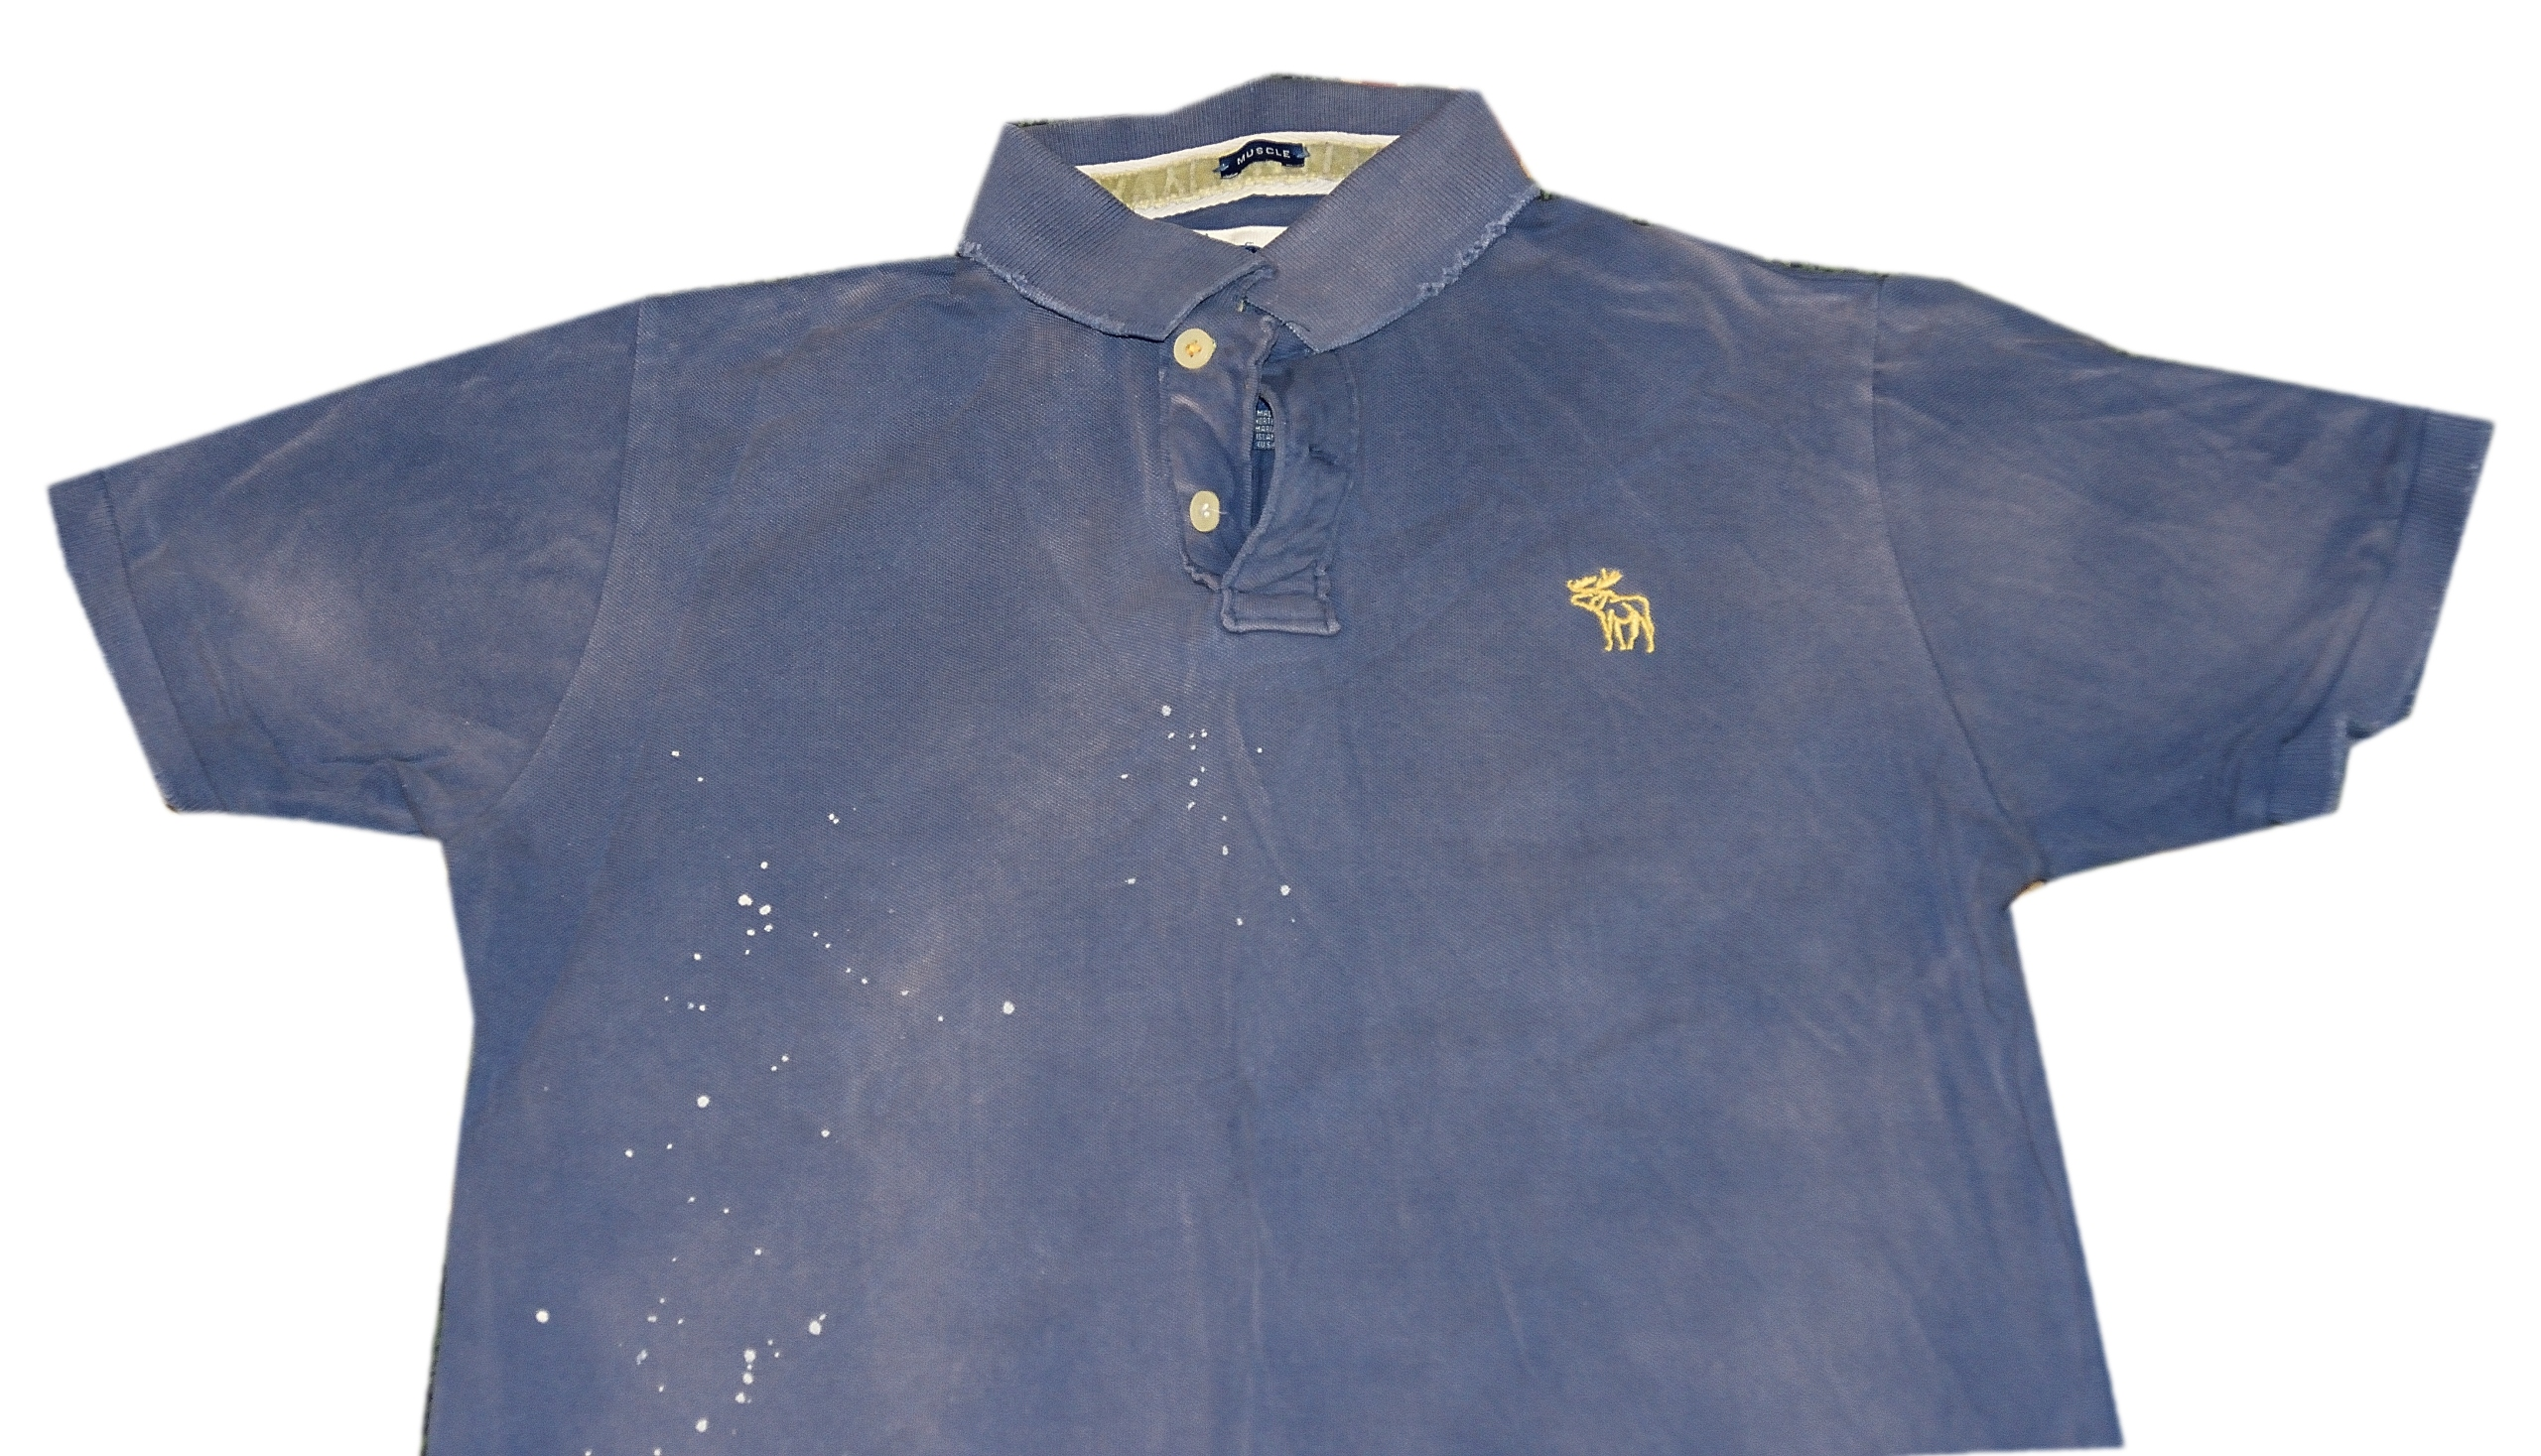 Koszulka Polo Abercrombie & Fitch unikat